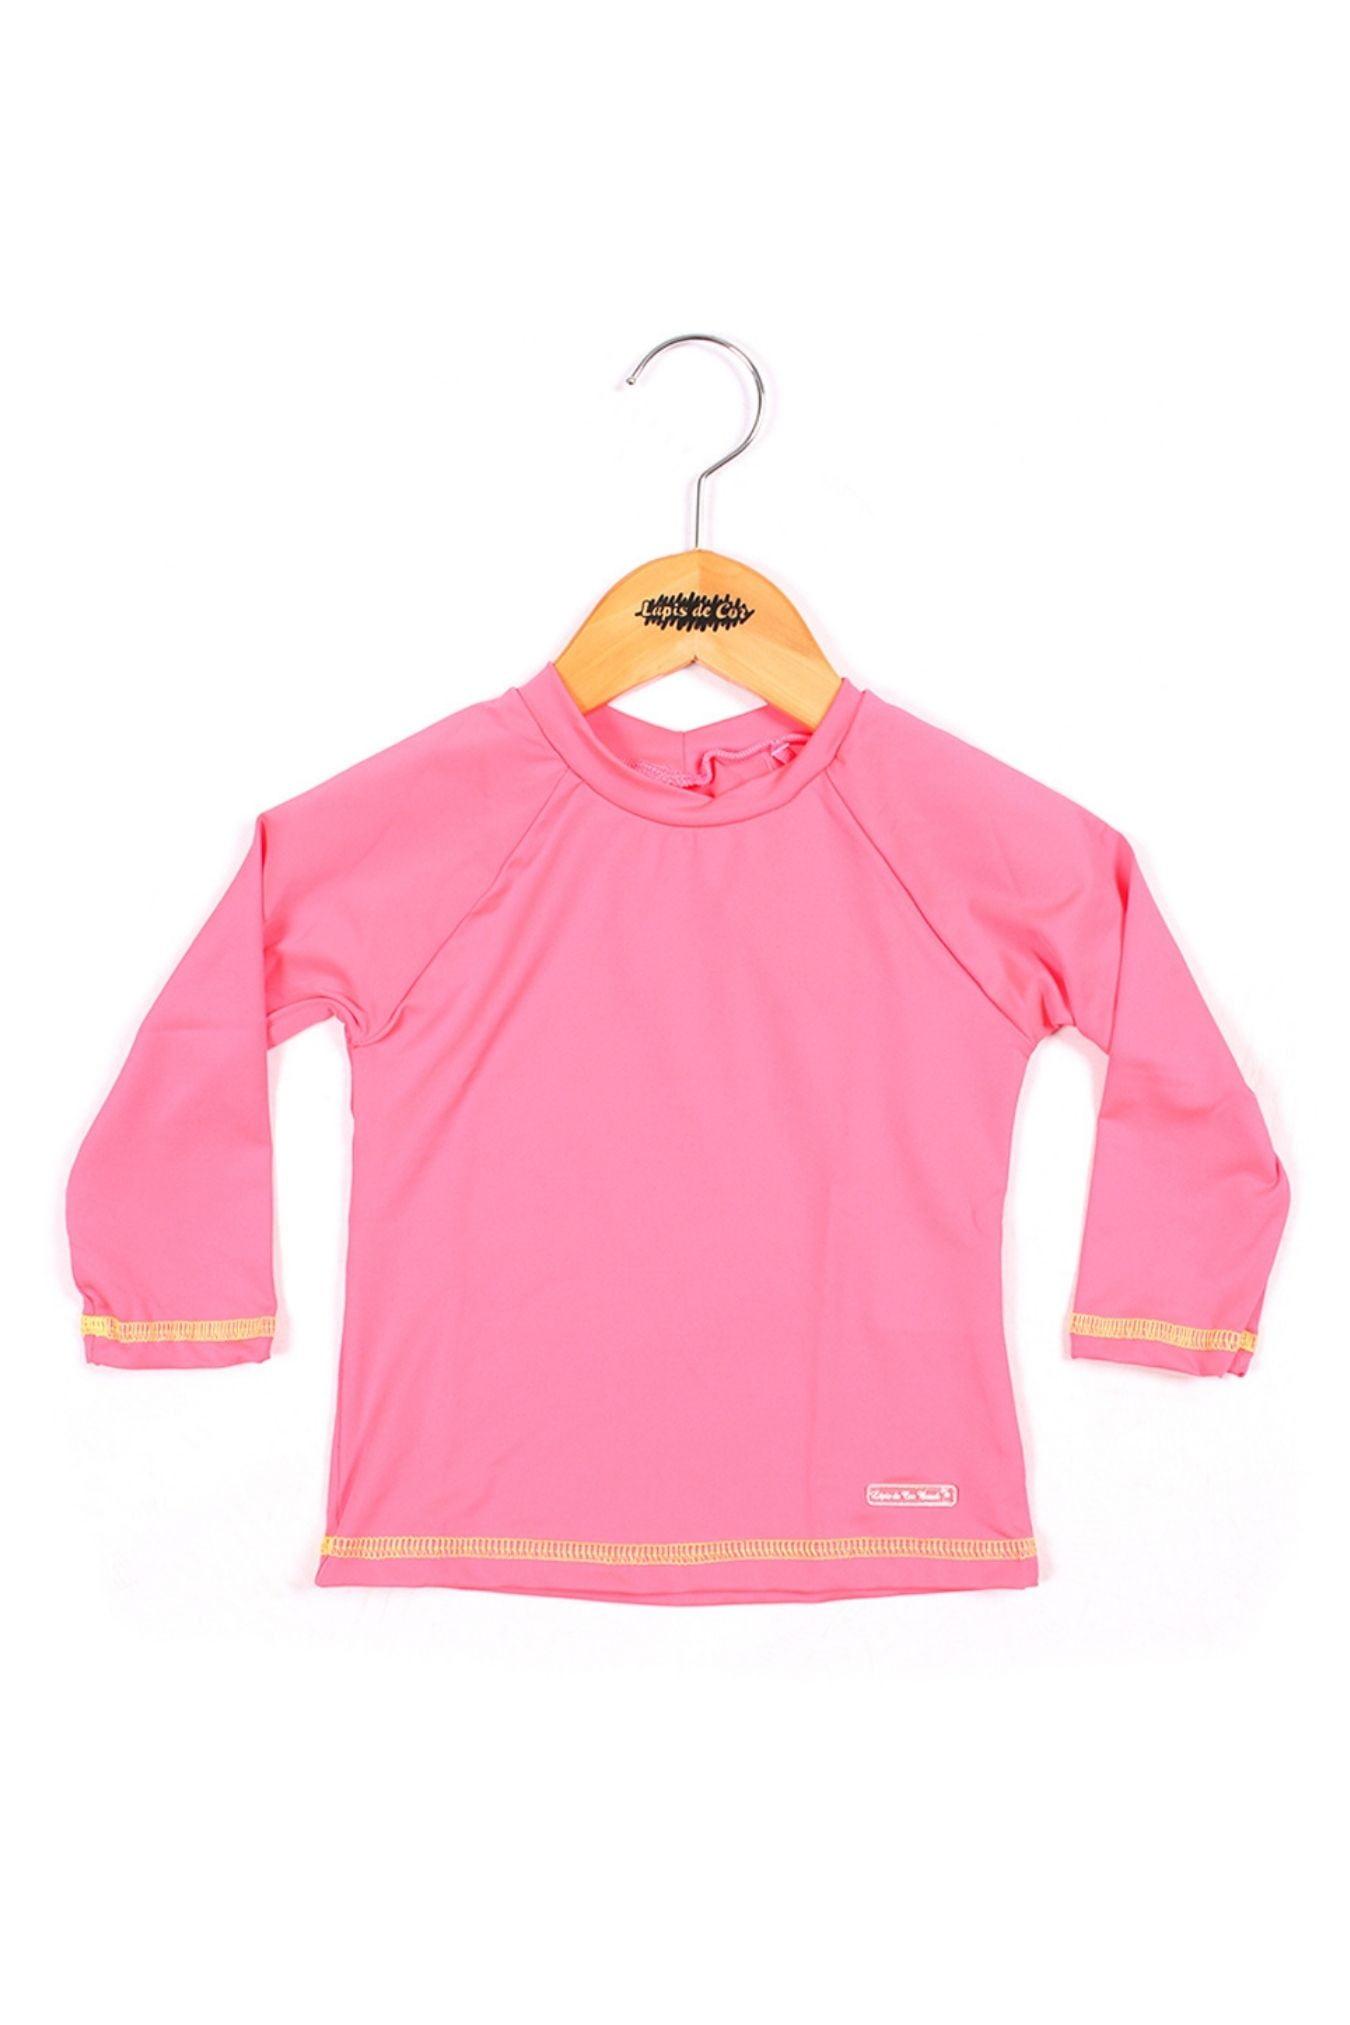 Blusa infantil manga longa com proteção UV 50+